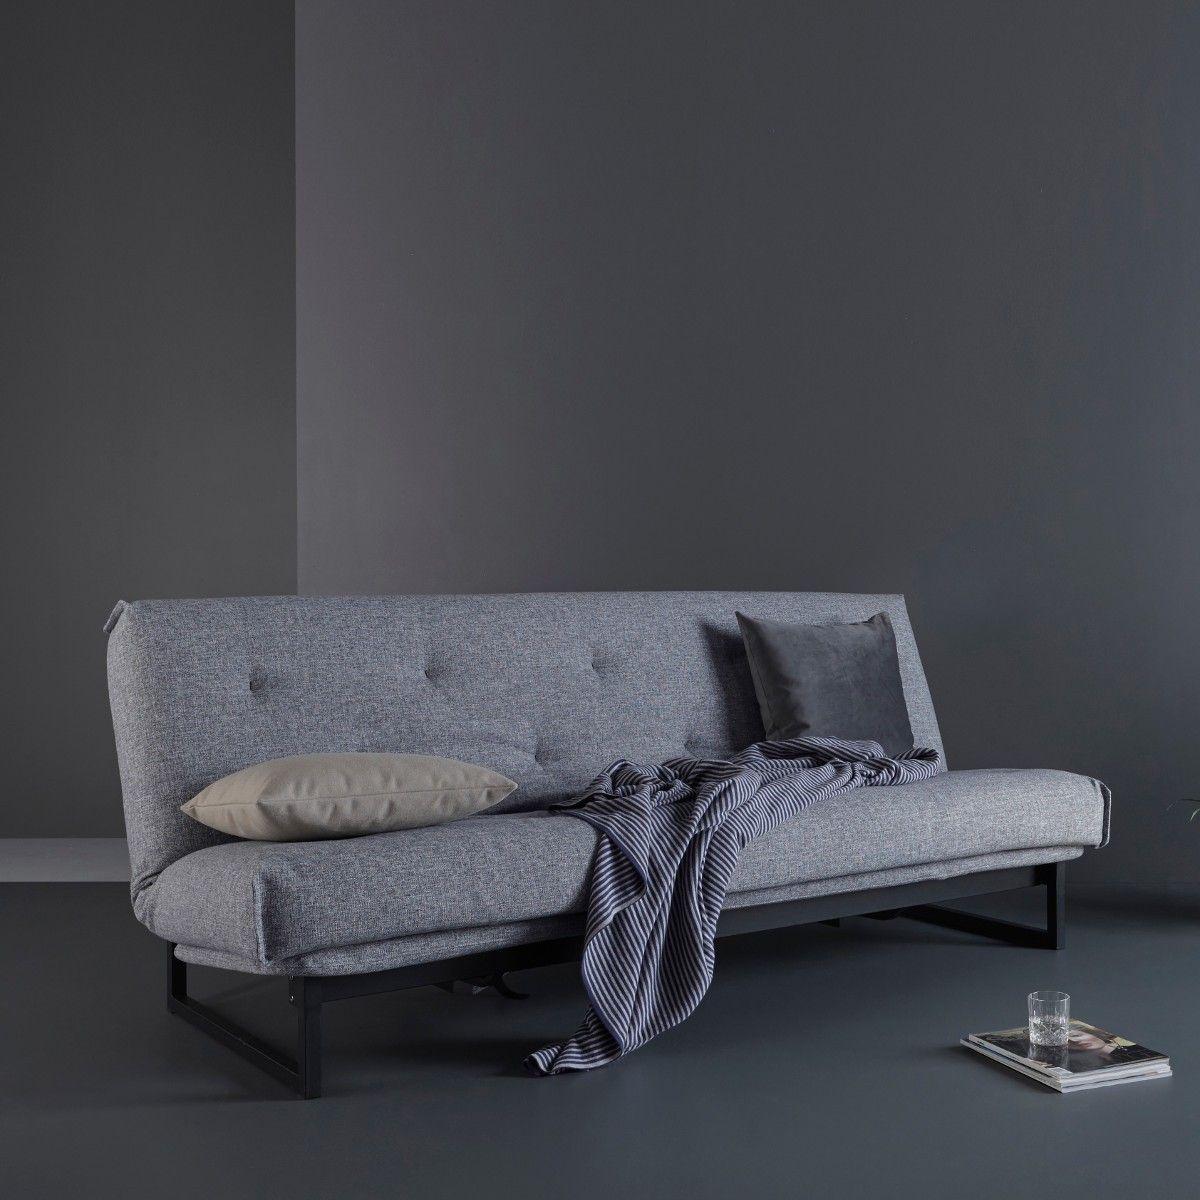 Letto Matrimoniale 140 Cm.Divano Letto Matrimoniale Design Nordico 140x200 Cm Fraction 140